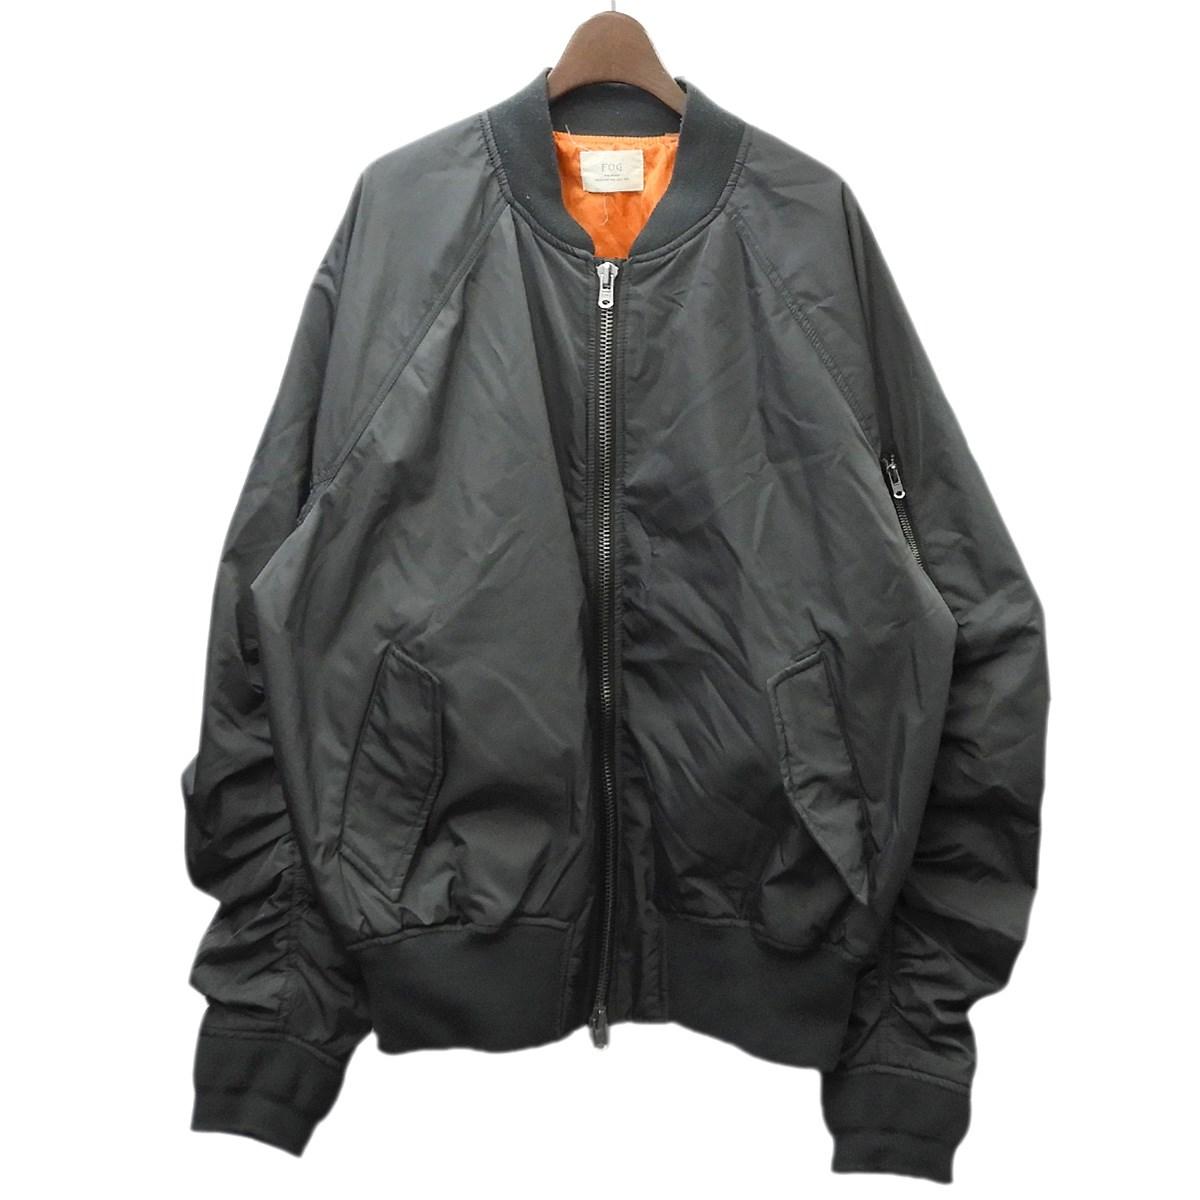 【中古】FOG by FEAR OF GOD ESSENTIALS MA-1ジャケット グレー サイズ:XL 【010220】(エフオージーバイフィアオブゴッドエッセンシャルズ)